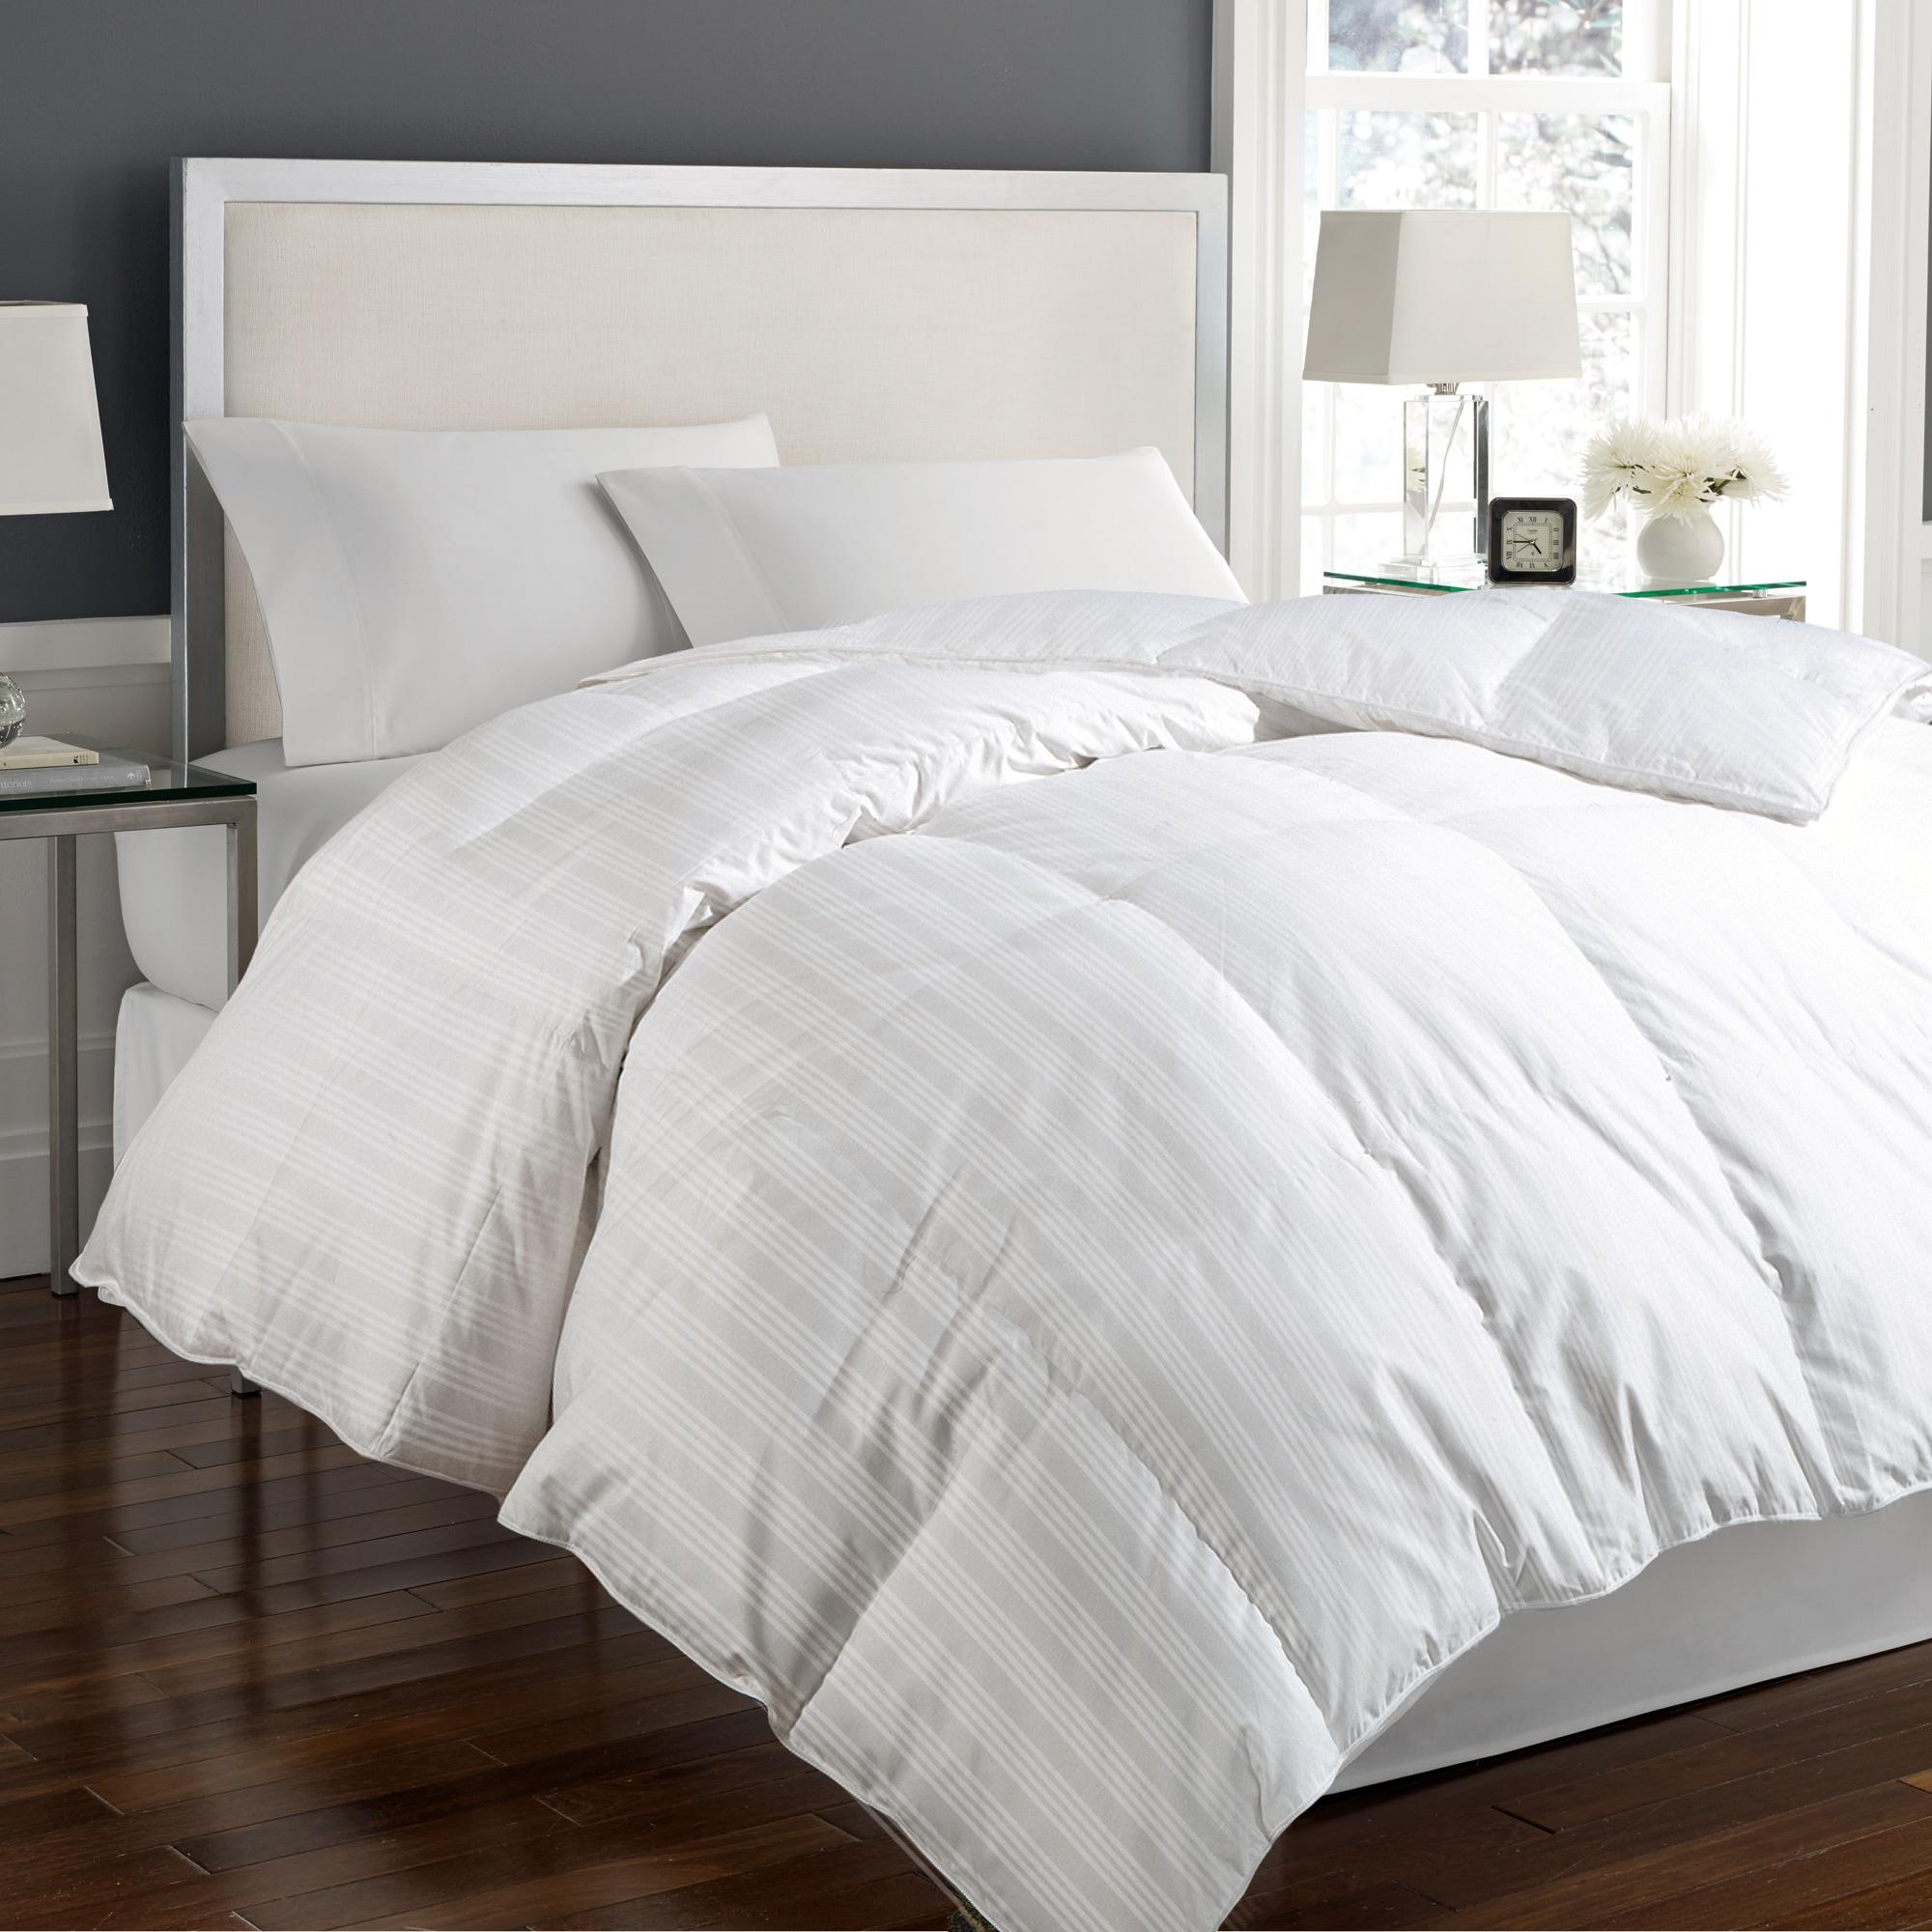 Shop Royal Velvet 400 Thread Count Damask White Down Comforter